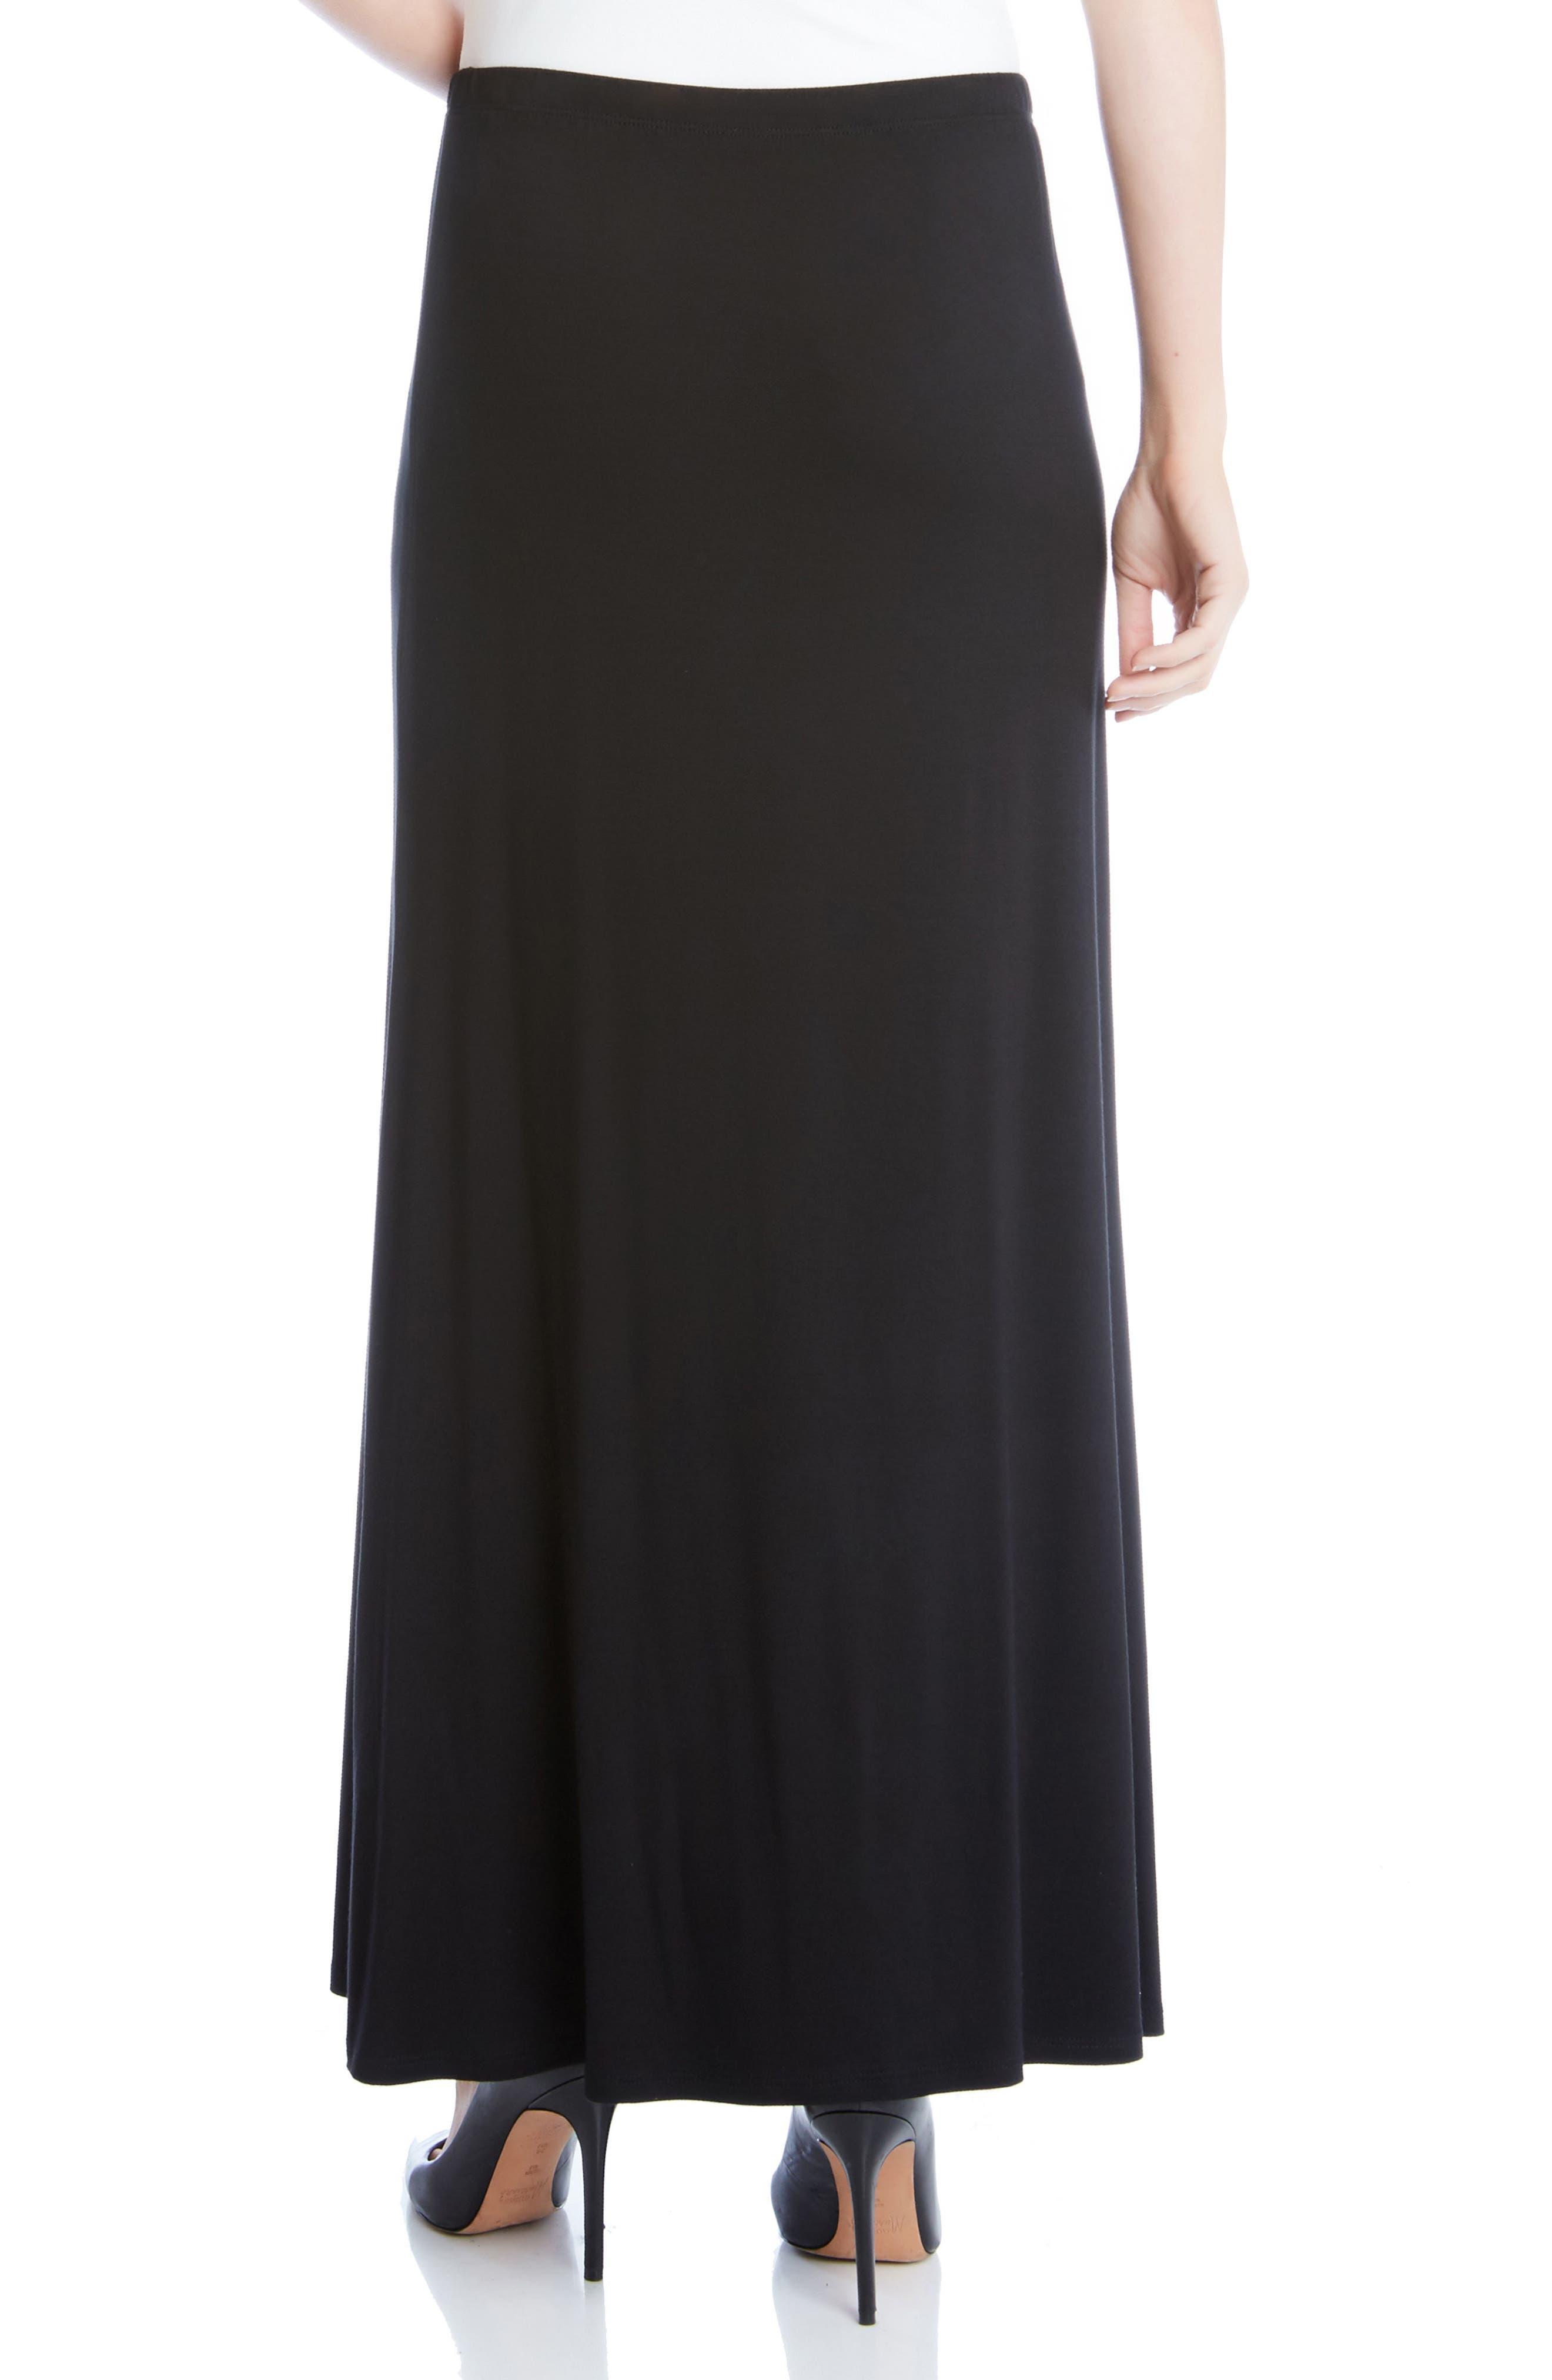 KAREN KANE, Maxi Skirt, Alternate thumbnail 2, color, BLACK